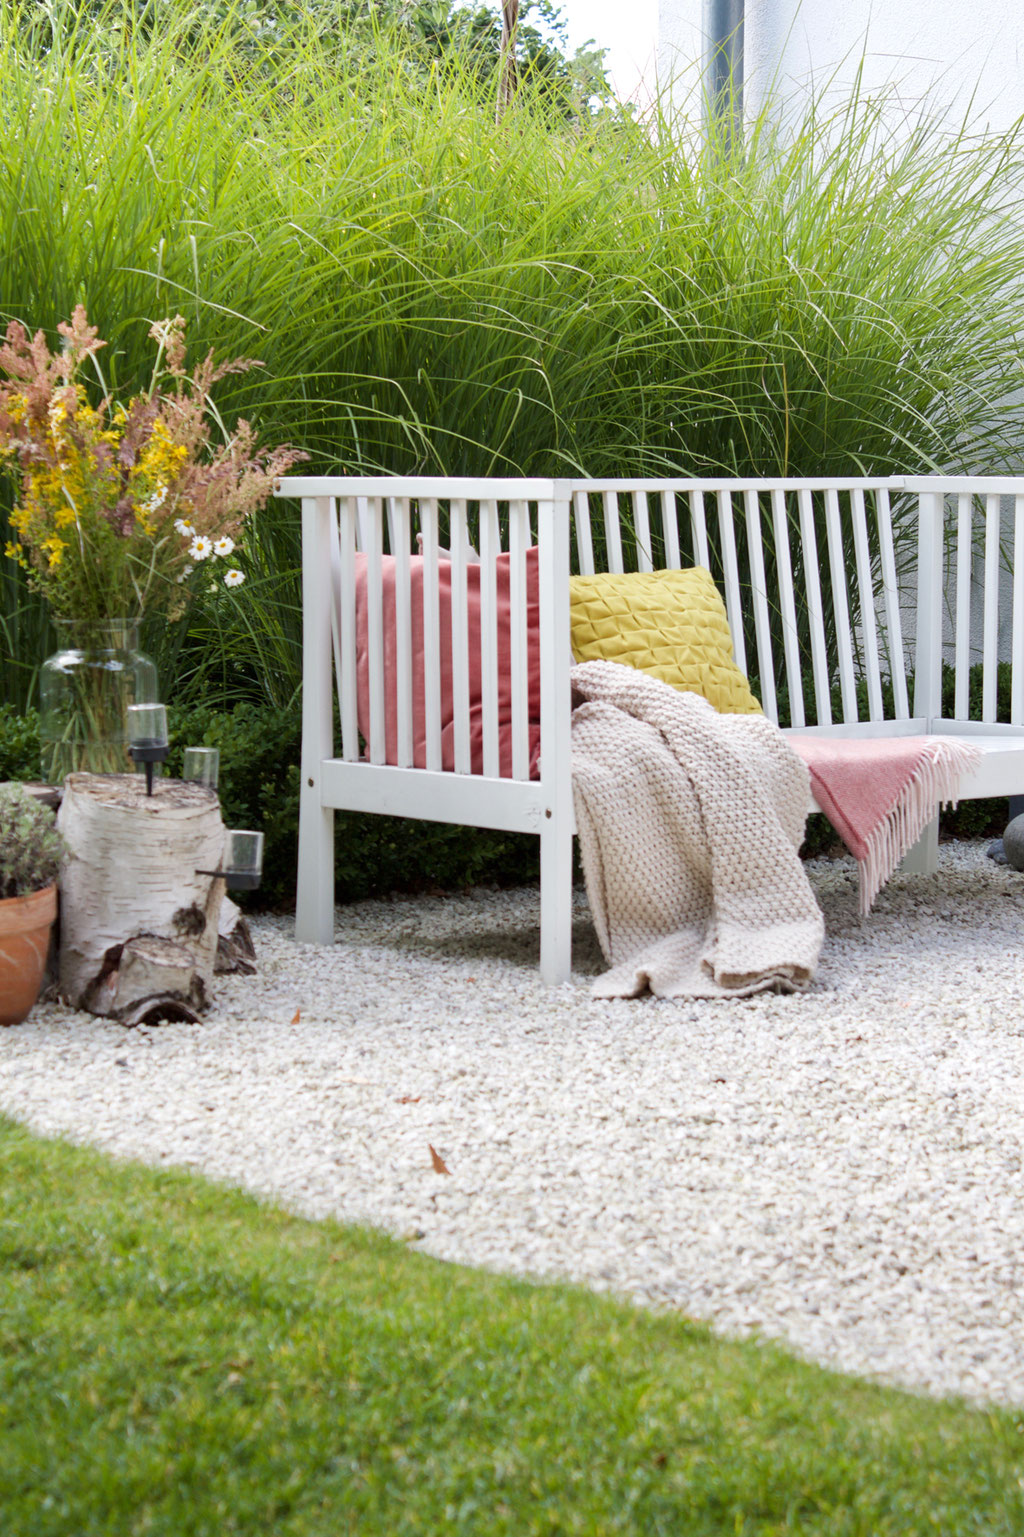 dieartigeBLOG - Wiesenblumenstrauß, Gartenbank mit Kissen in Zitronengelb, Wolldecken, Kies-Terrasse, Gräser